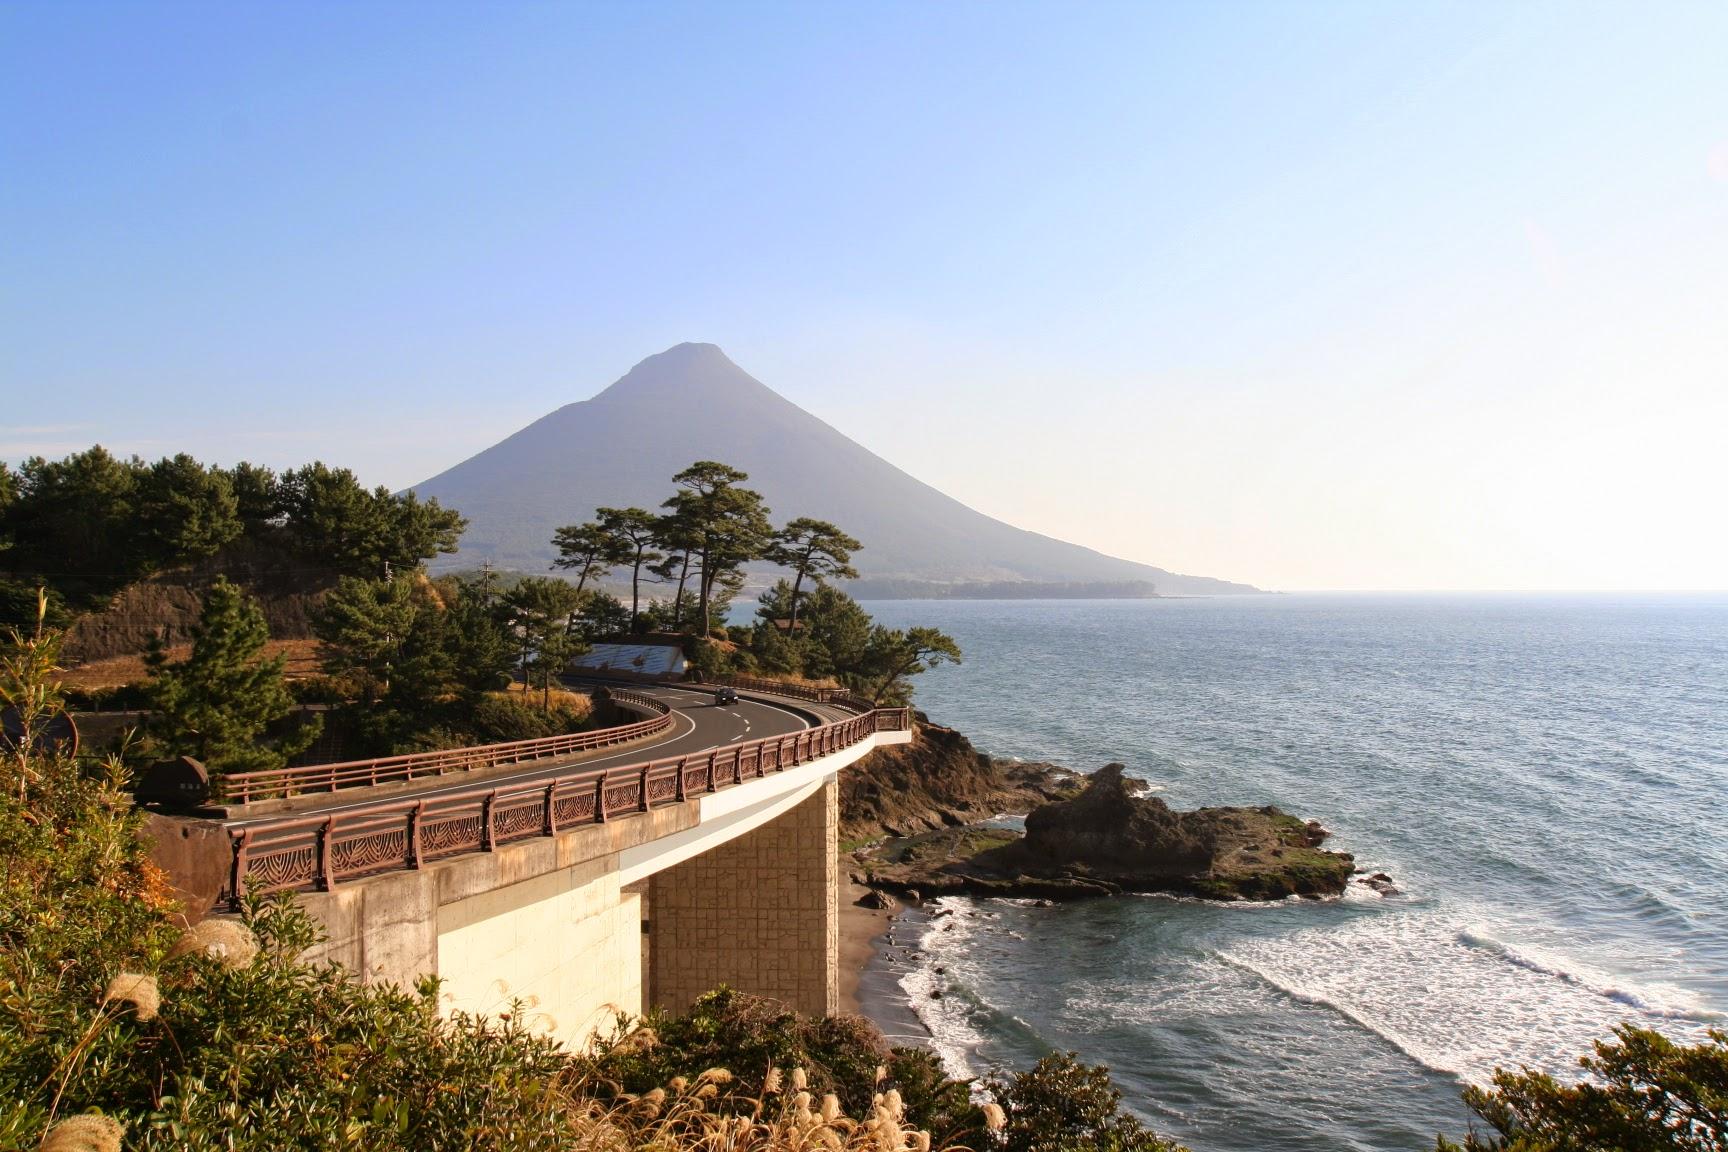 Kyushu Expedition - scenery